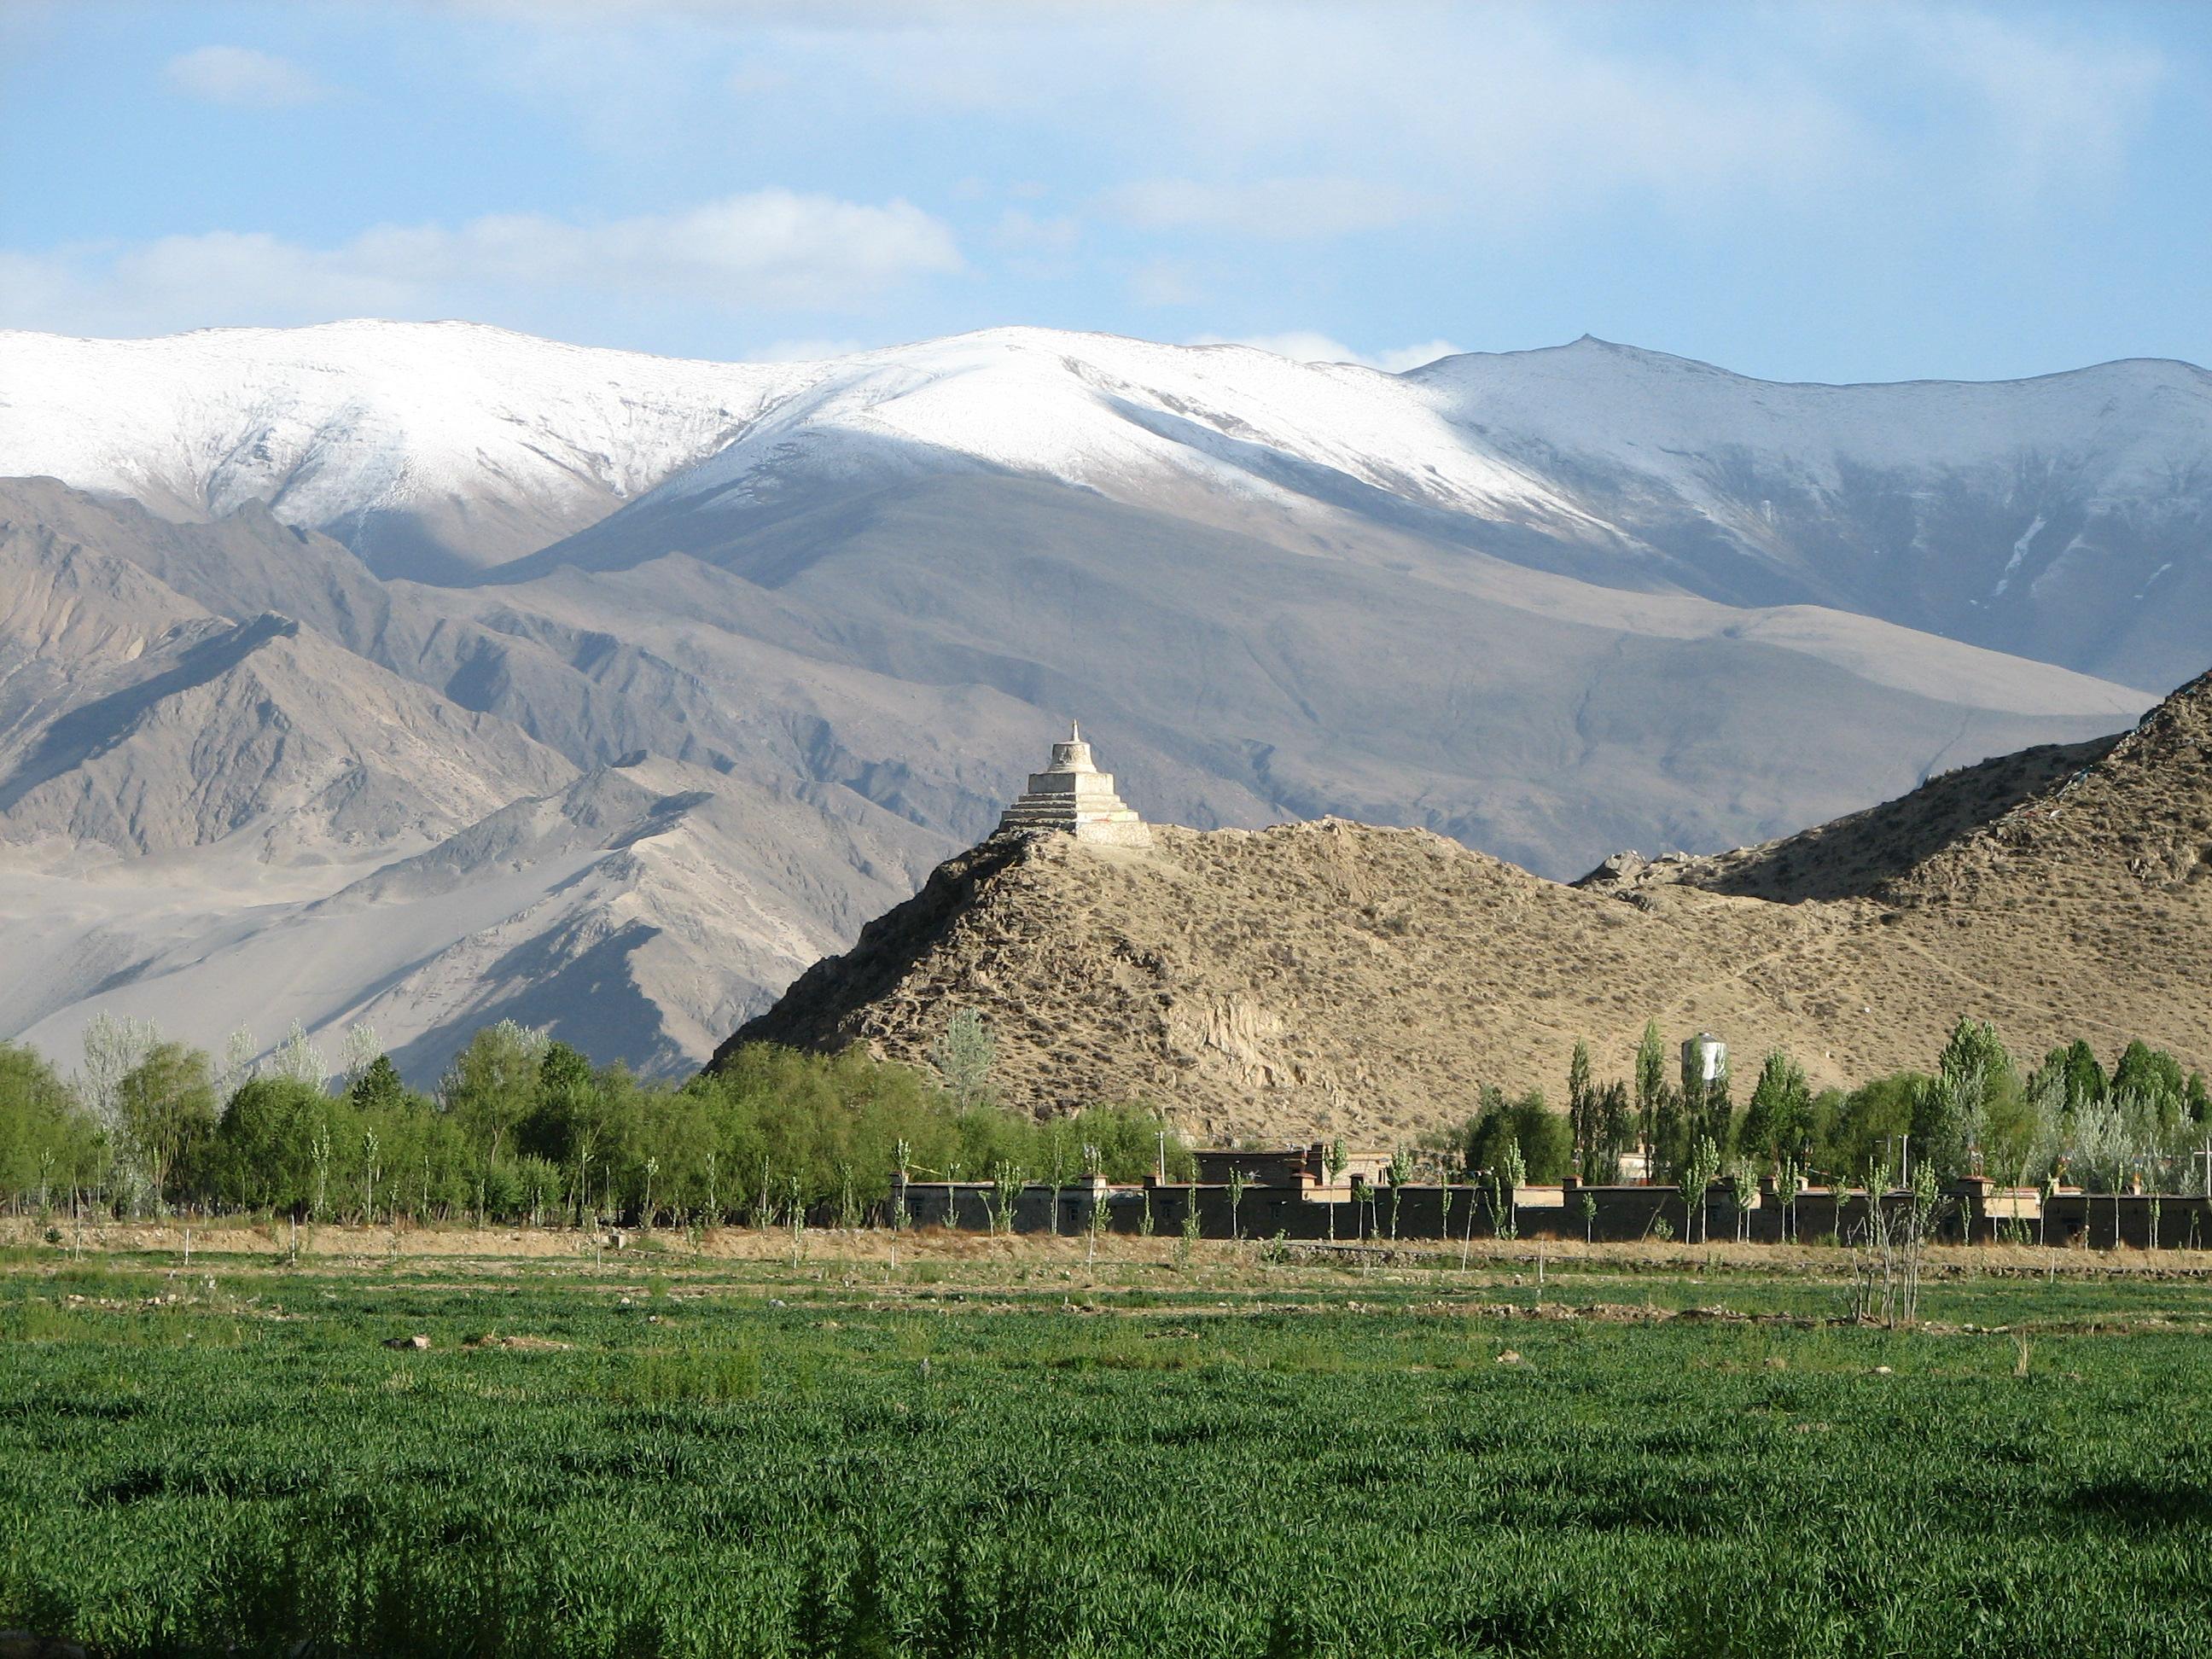 Ученые обнаружили почти 30 новых вирусов во льдах Тибета